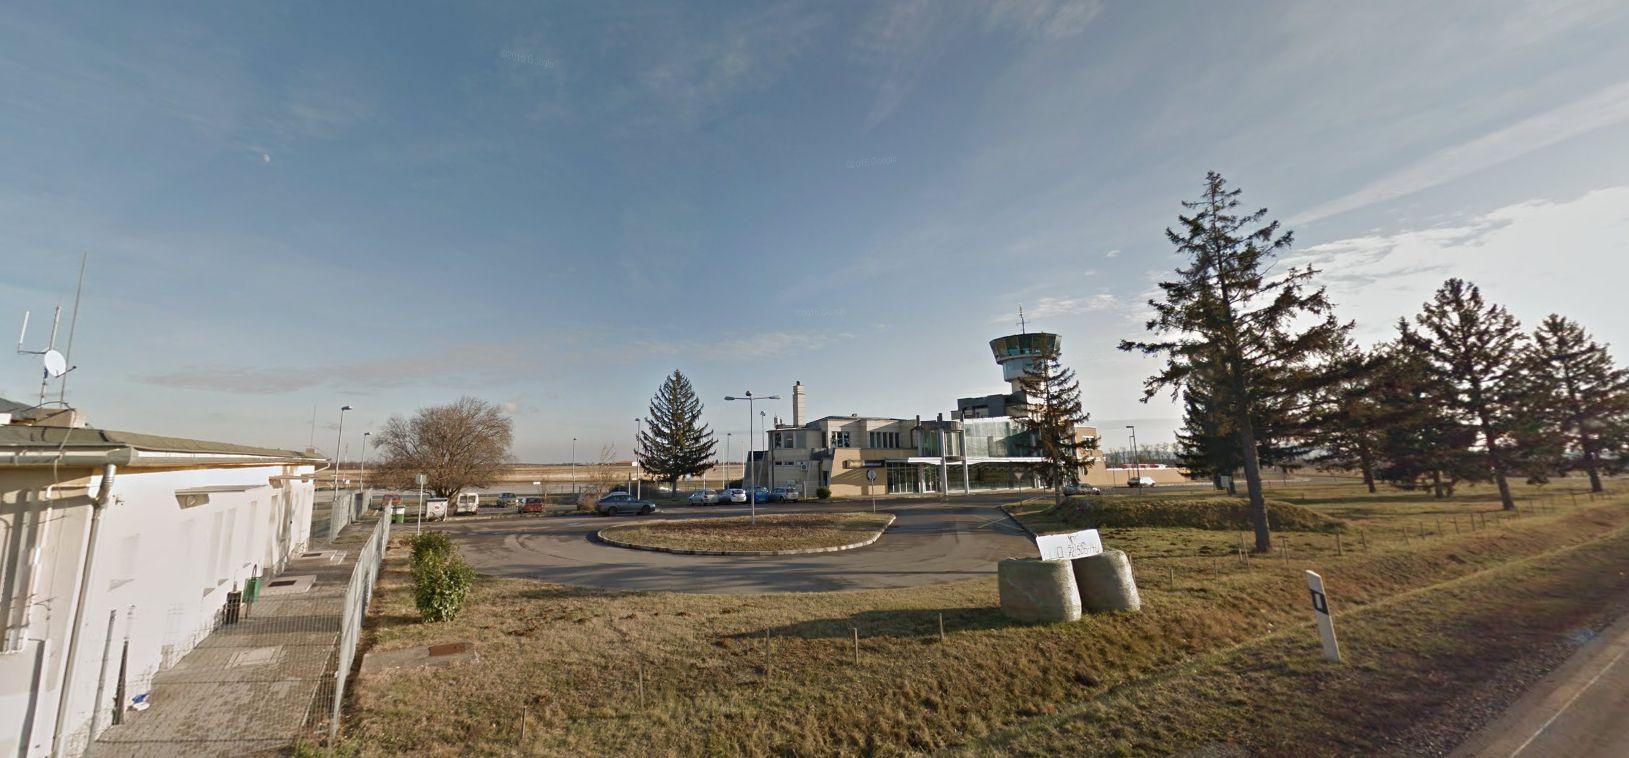 Megveheti az állam Pécs repterét, amit egyből bérbe is adhat az oroszoknak